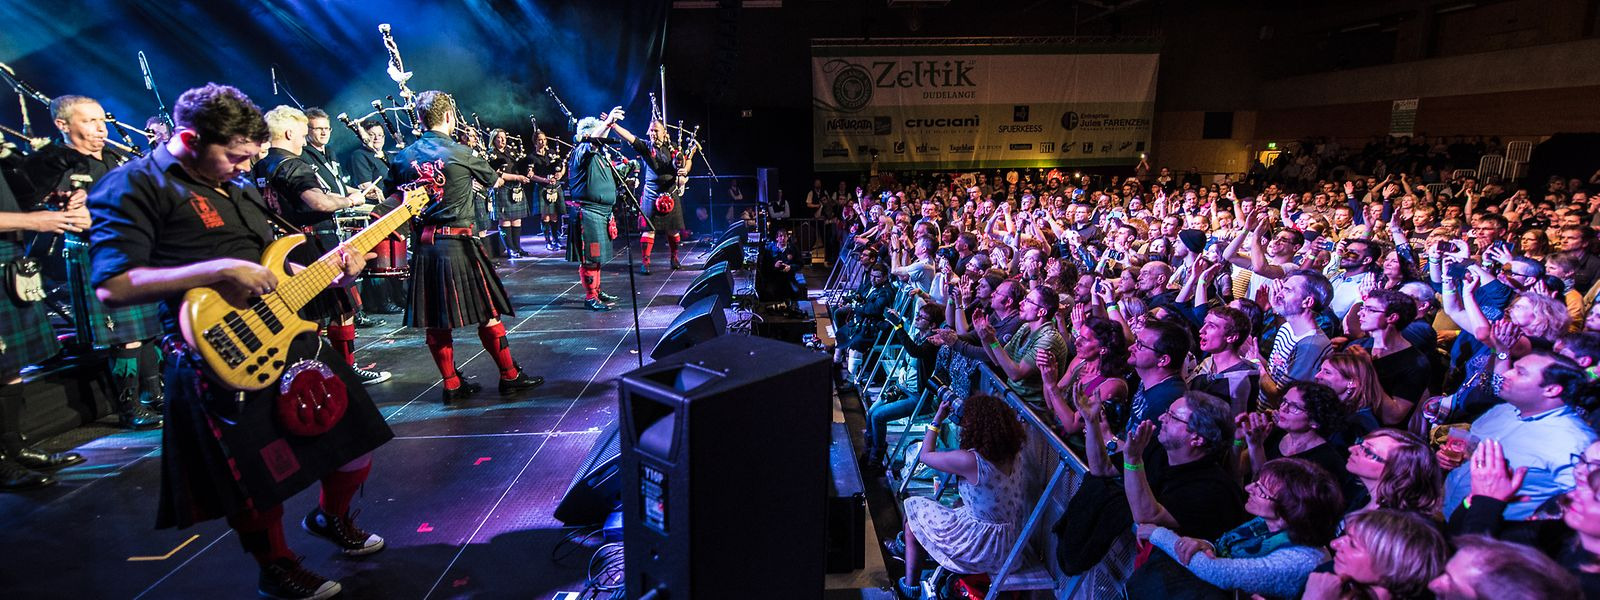 Das Zeltik-Festival in Düdelingen wird erst im Sommer stattfinden können.